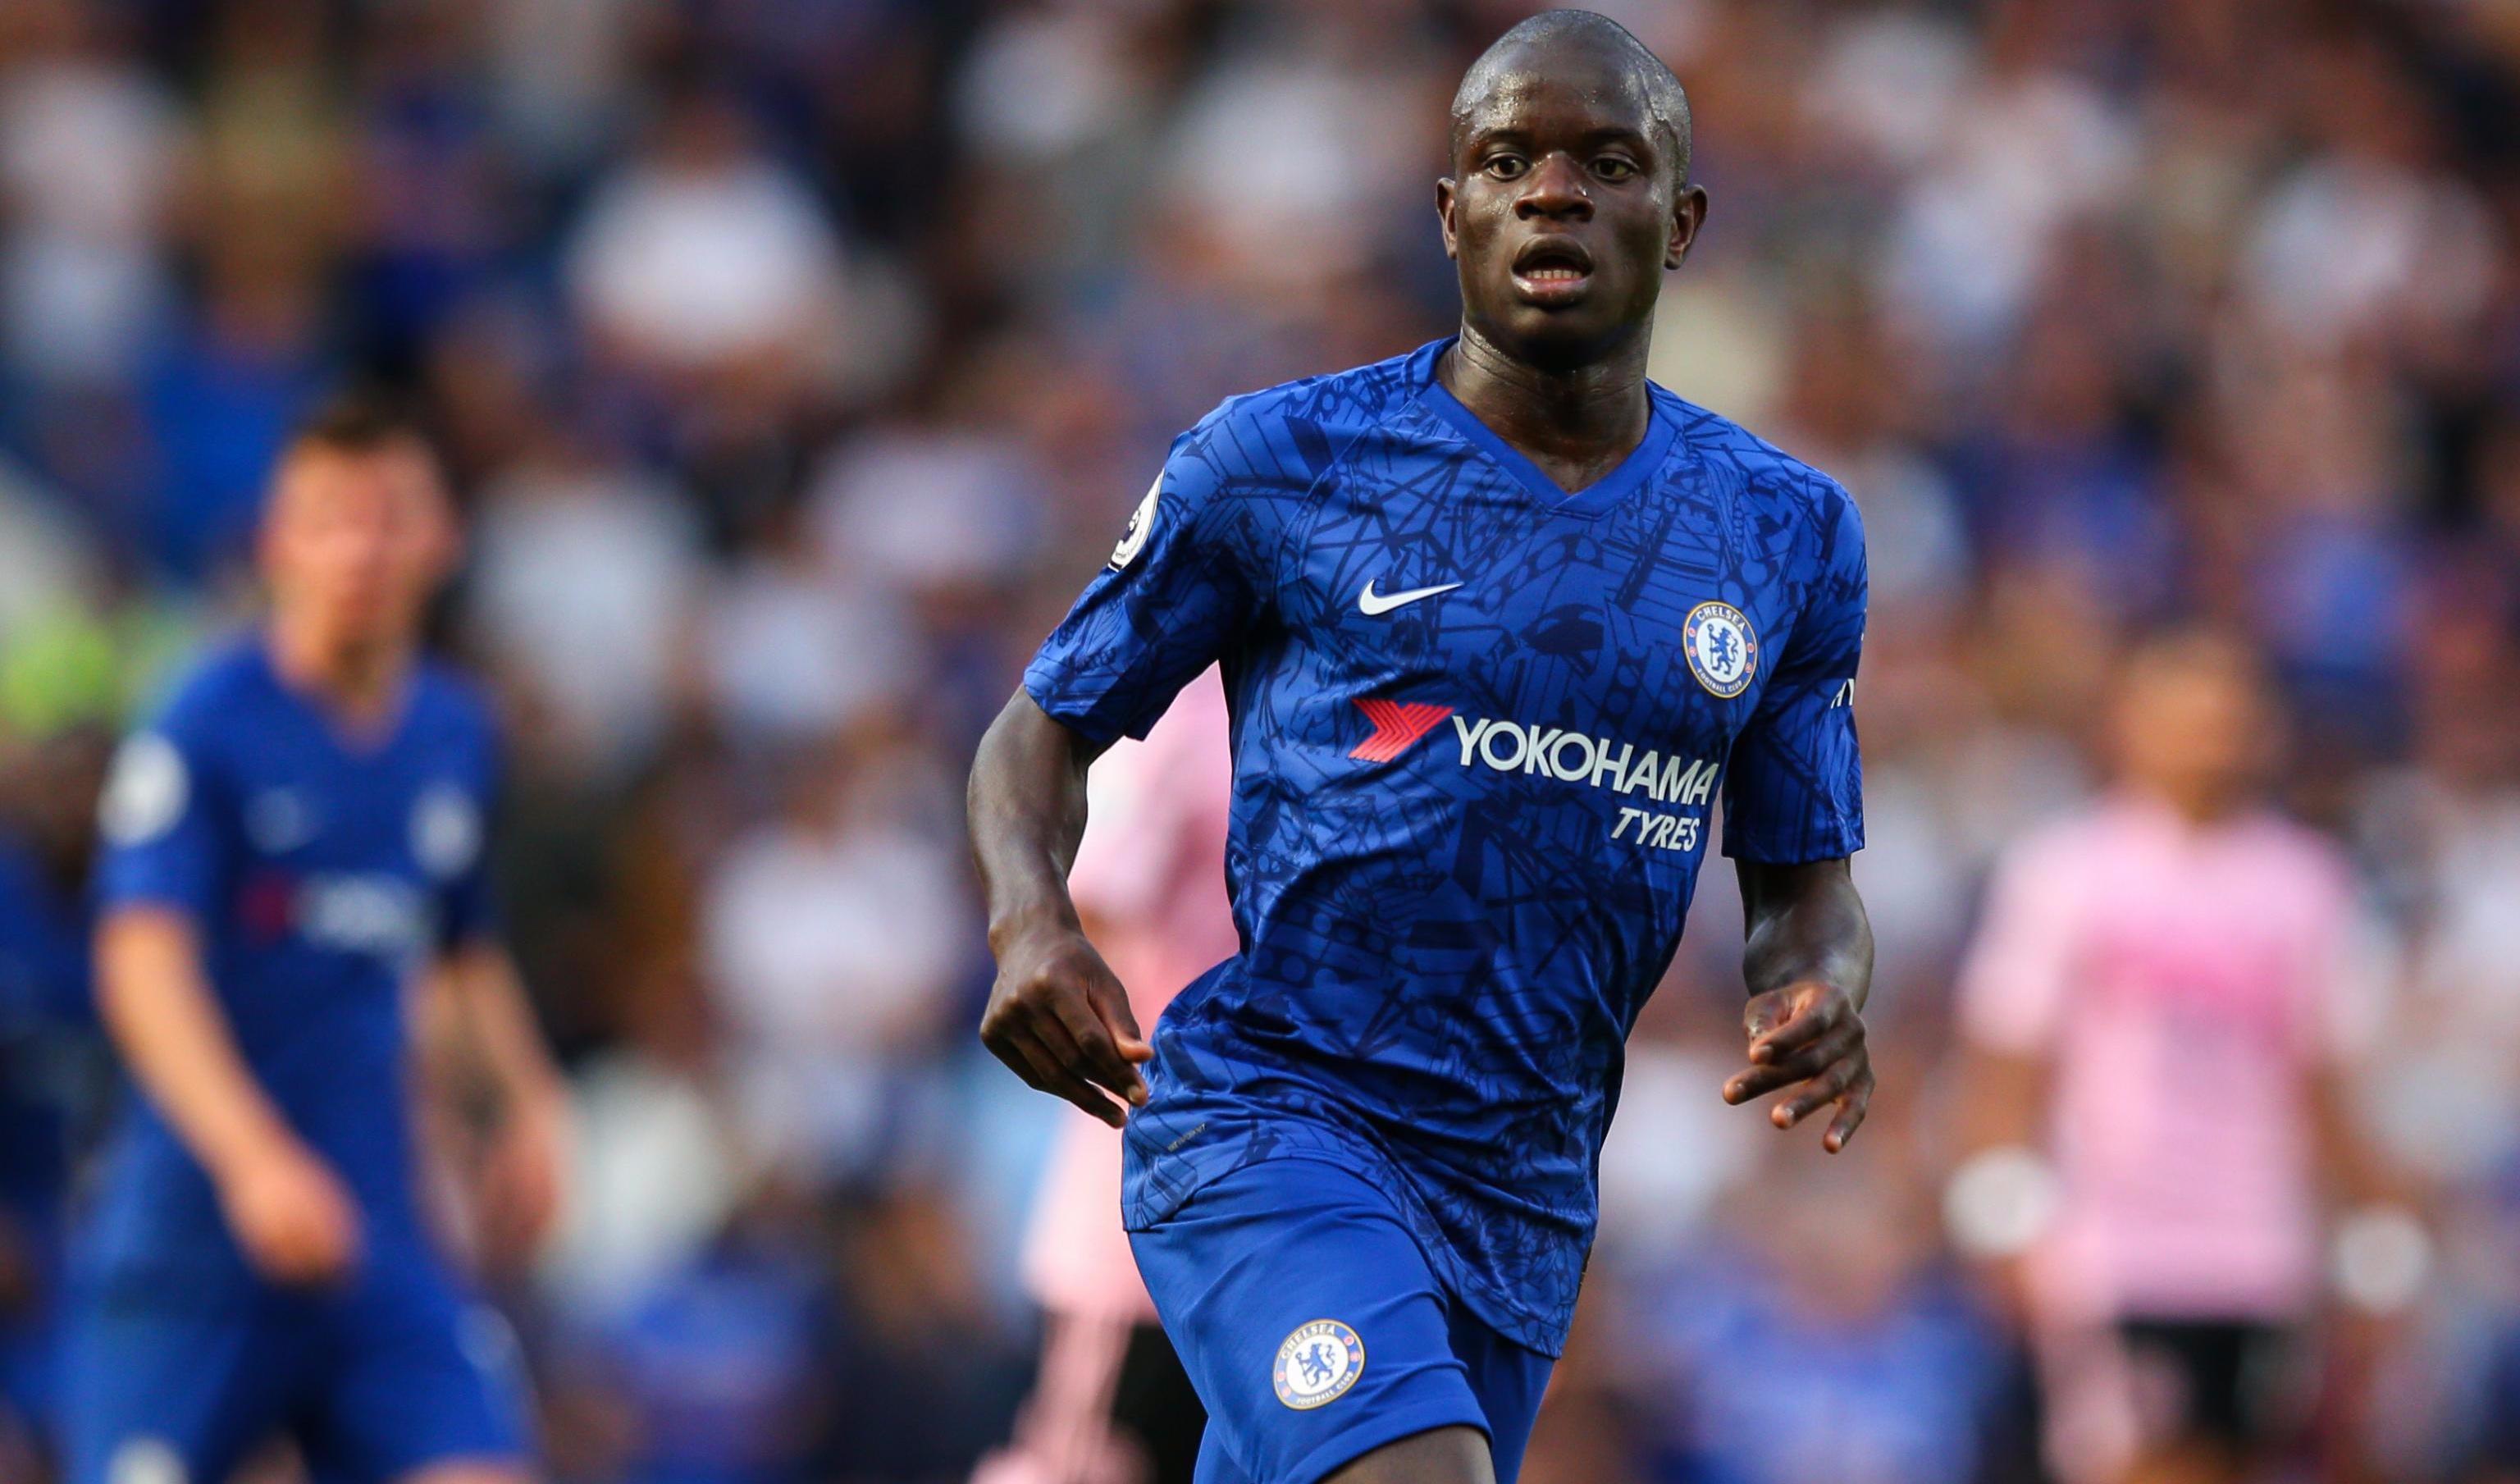 La surprise de N'Golo Kanté à un fan de Chelsea